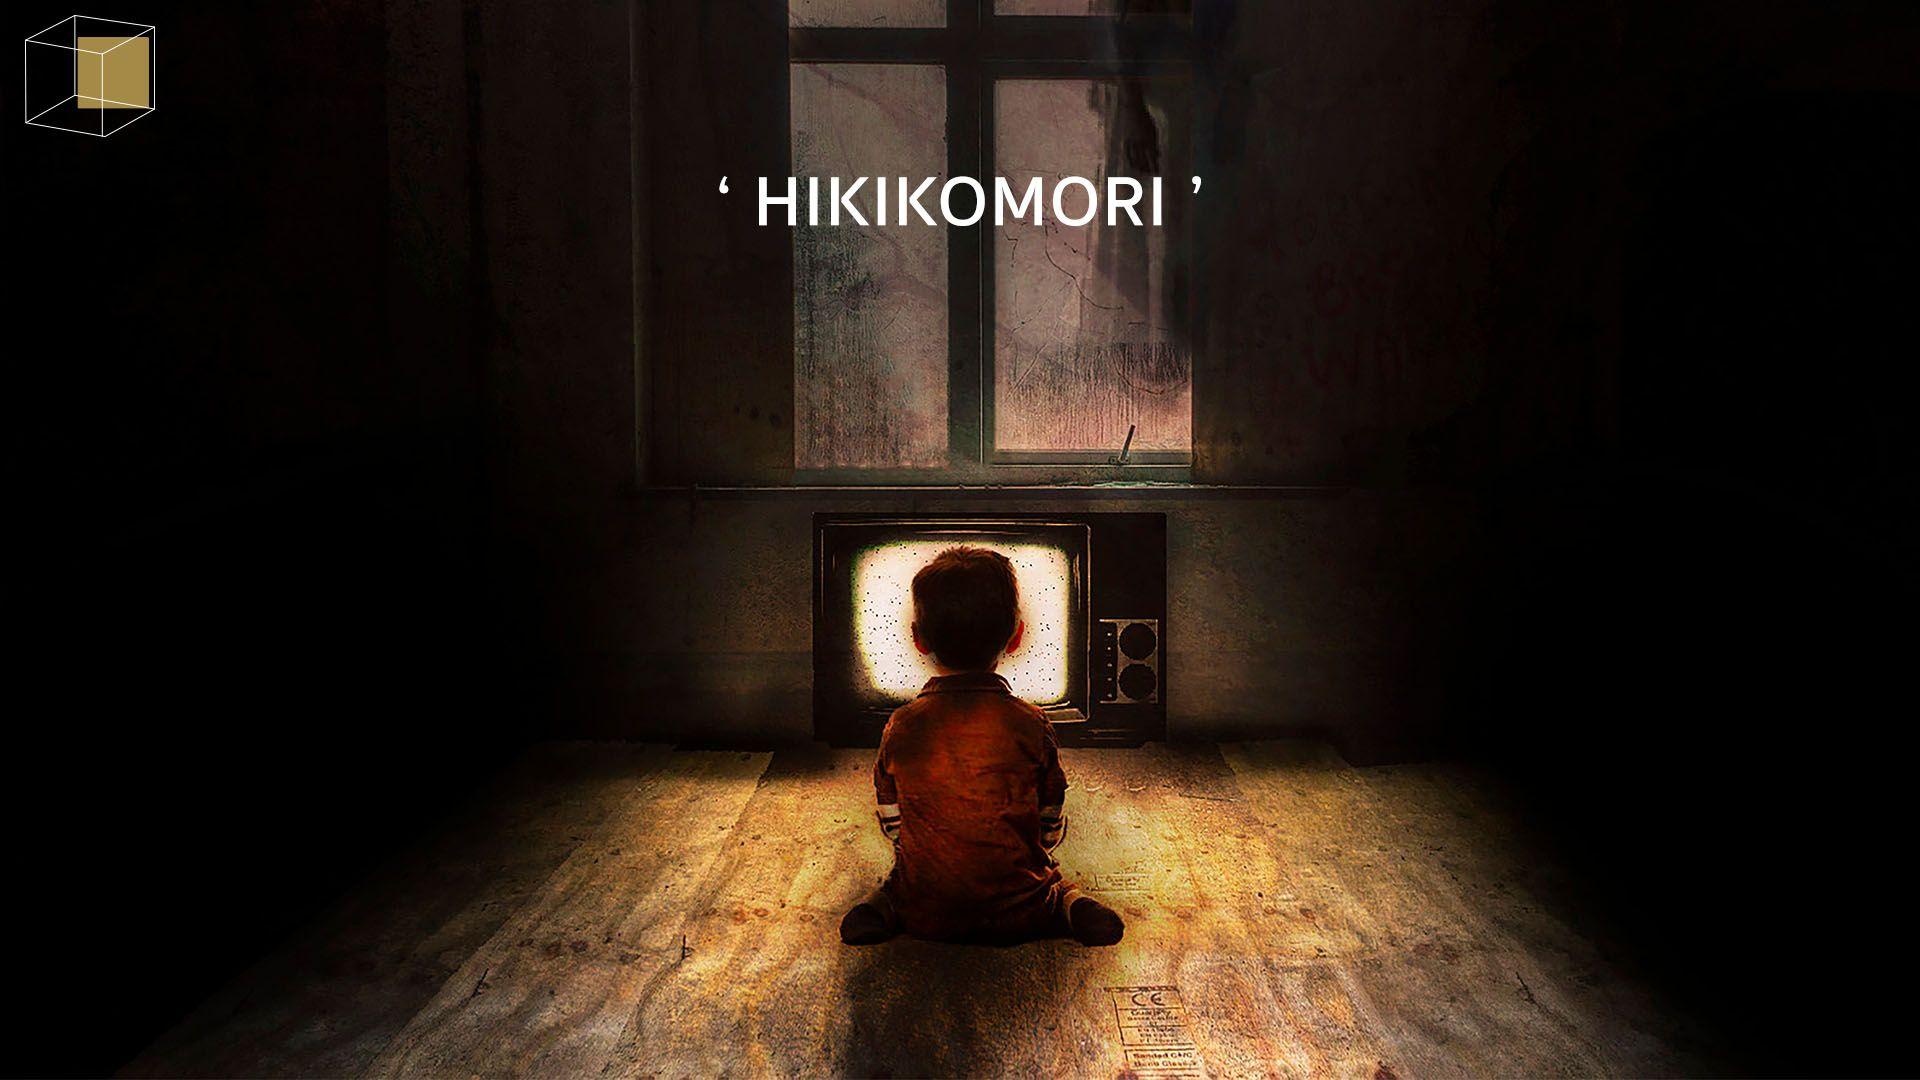 ฮิคิโคโมริ (Hikikomori)